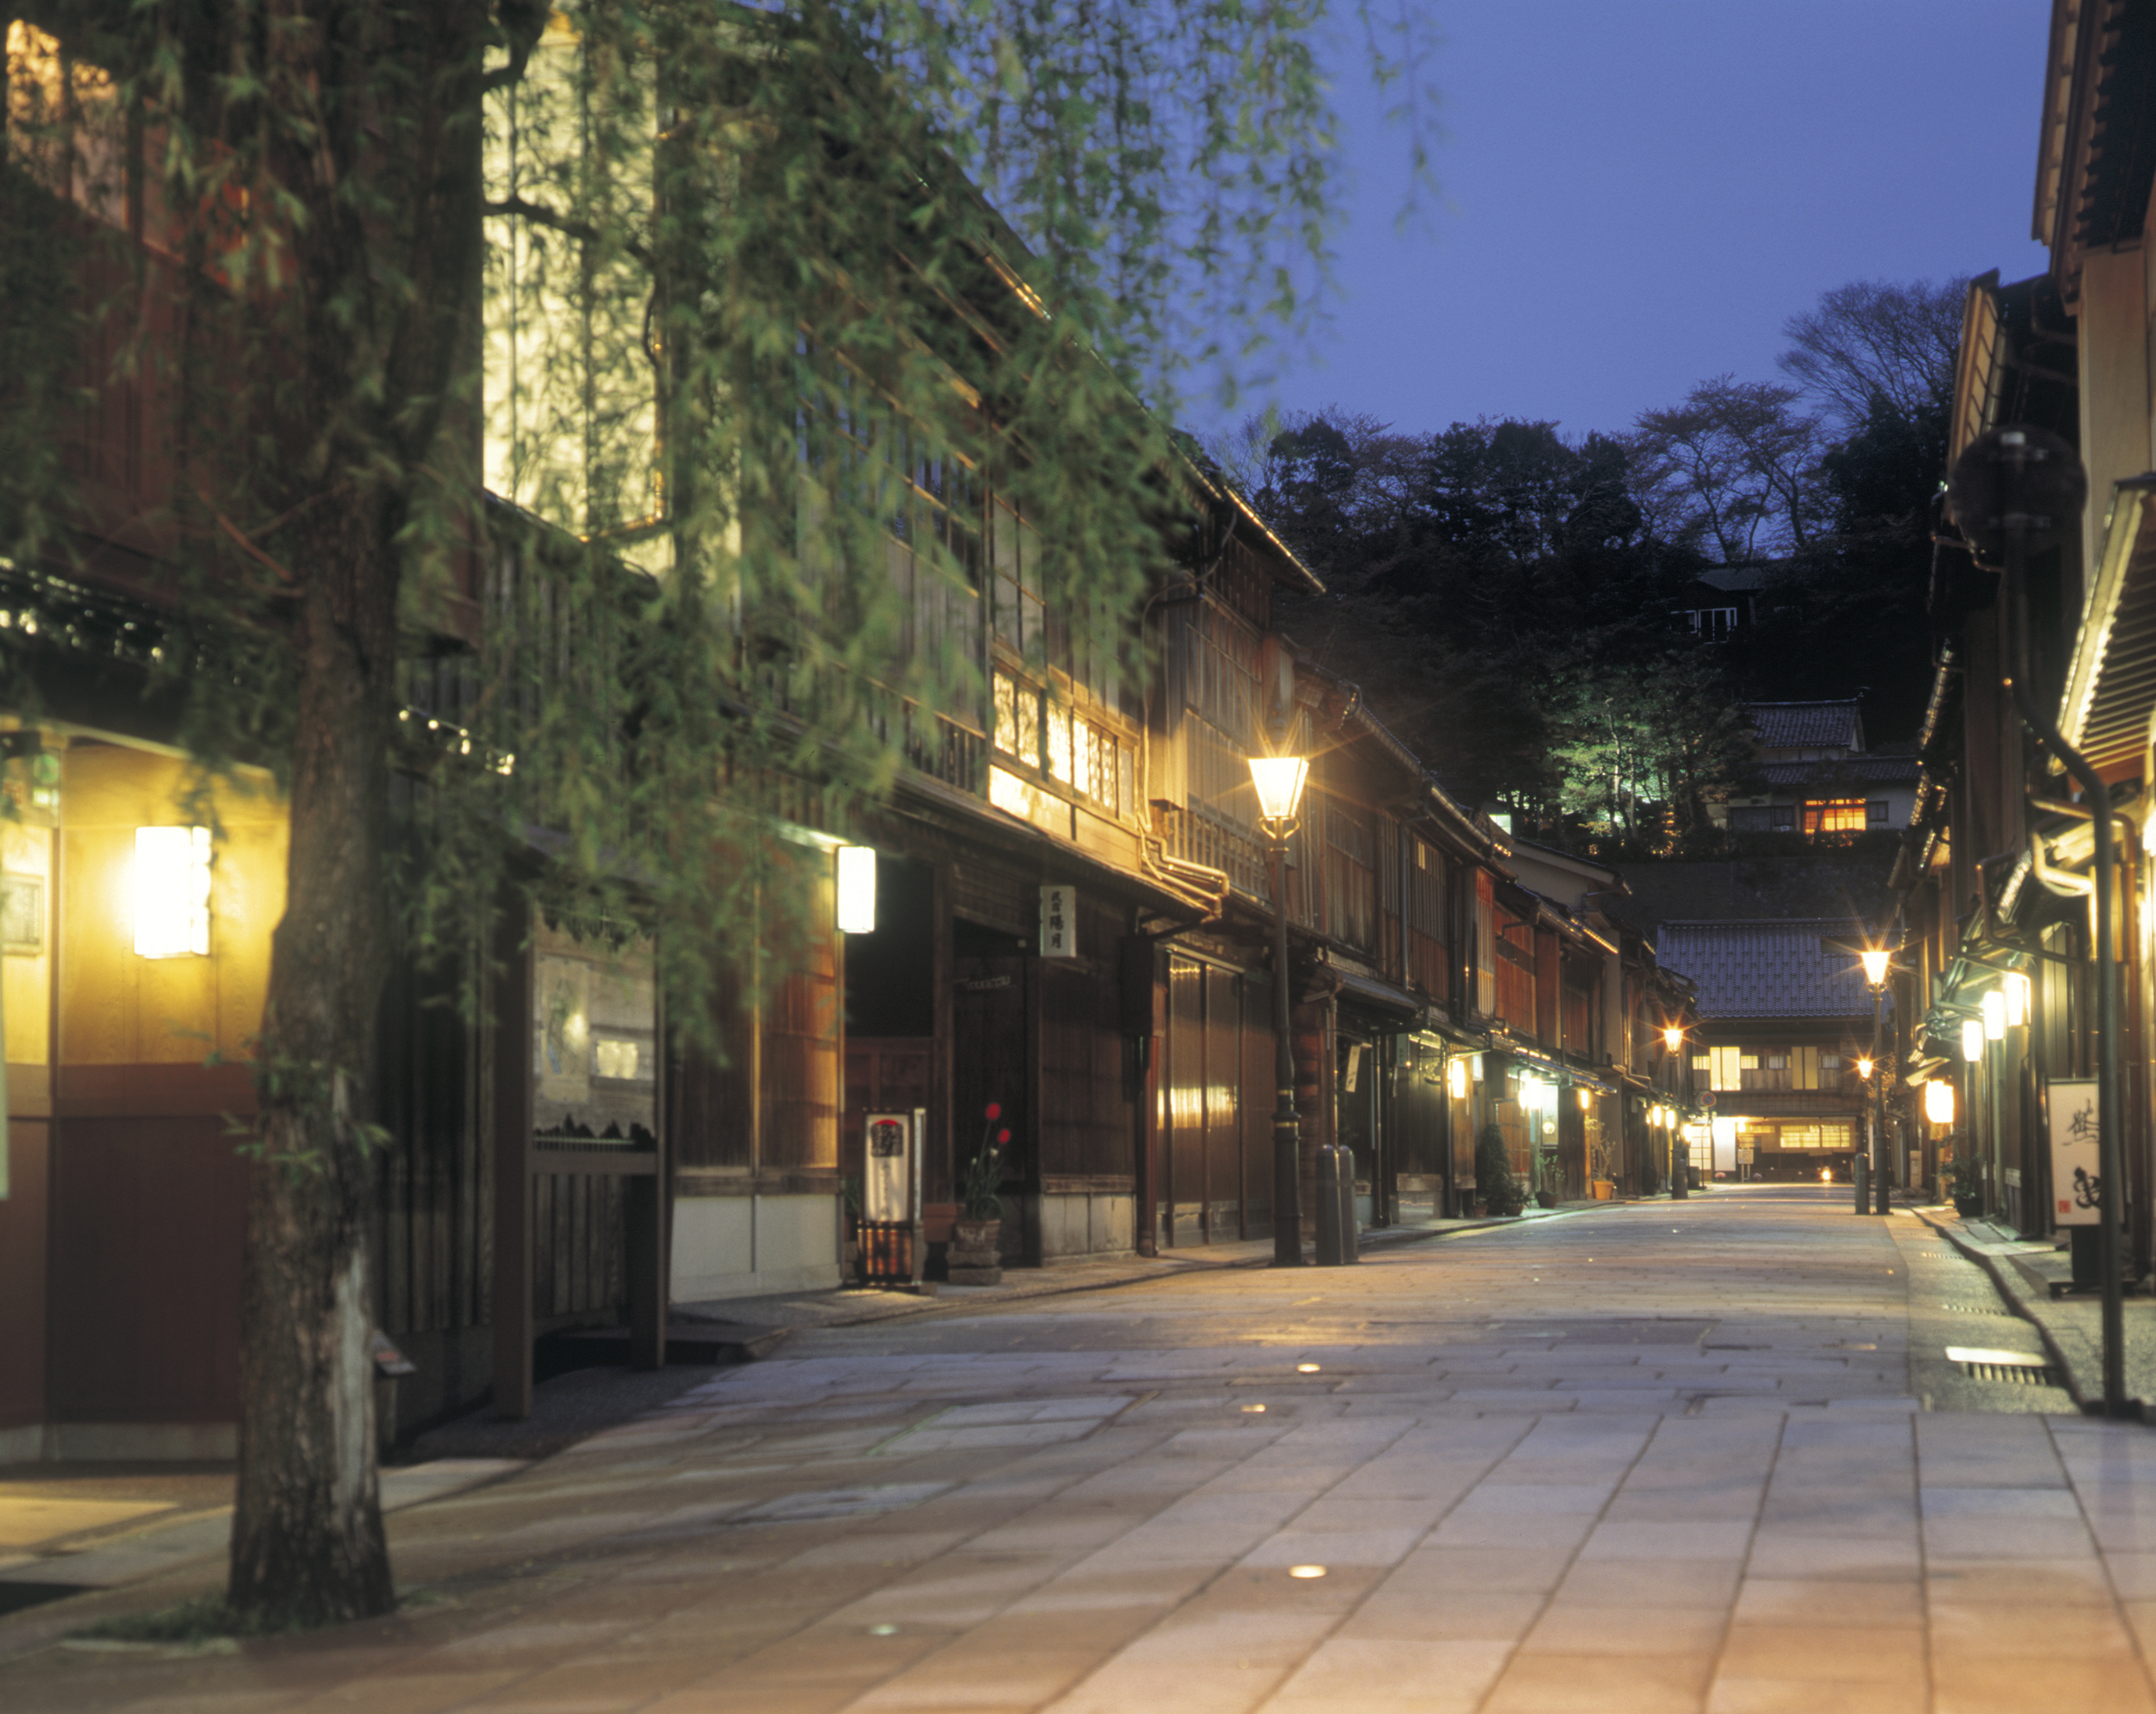 石川県の温泉・温泉宿ランキング21!客室露天風呂付などおすすめは?